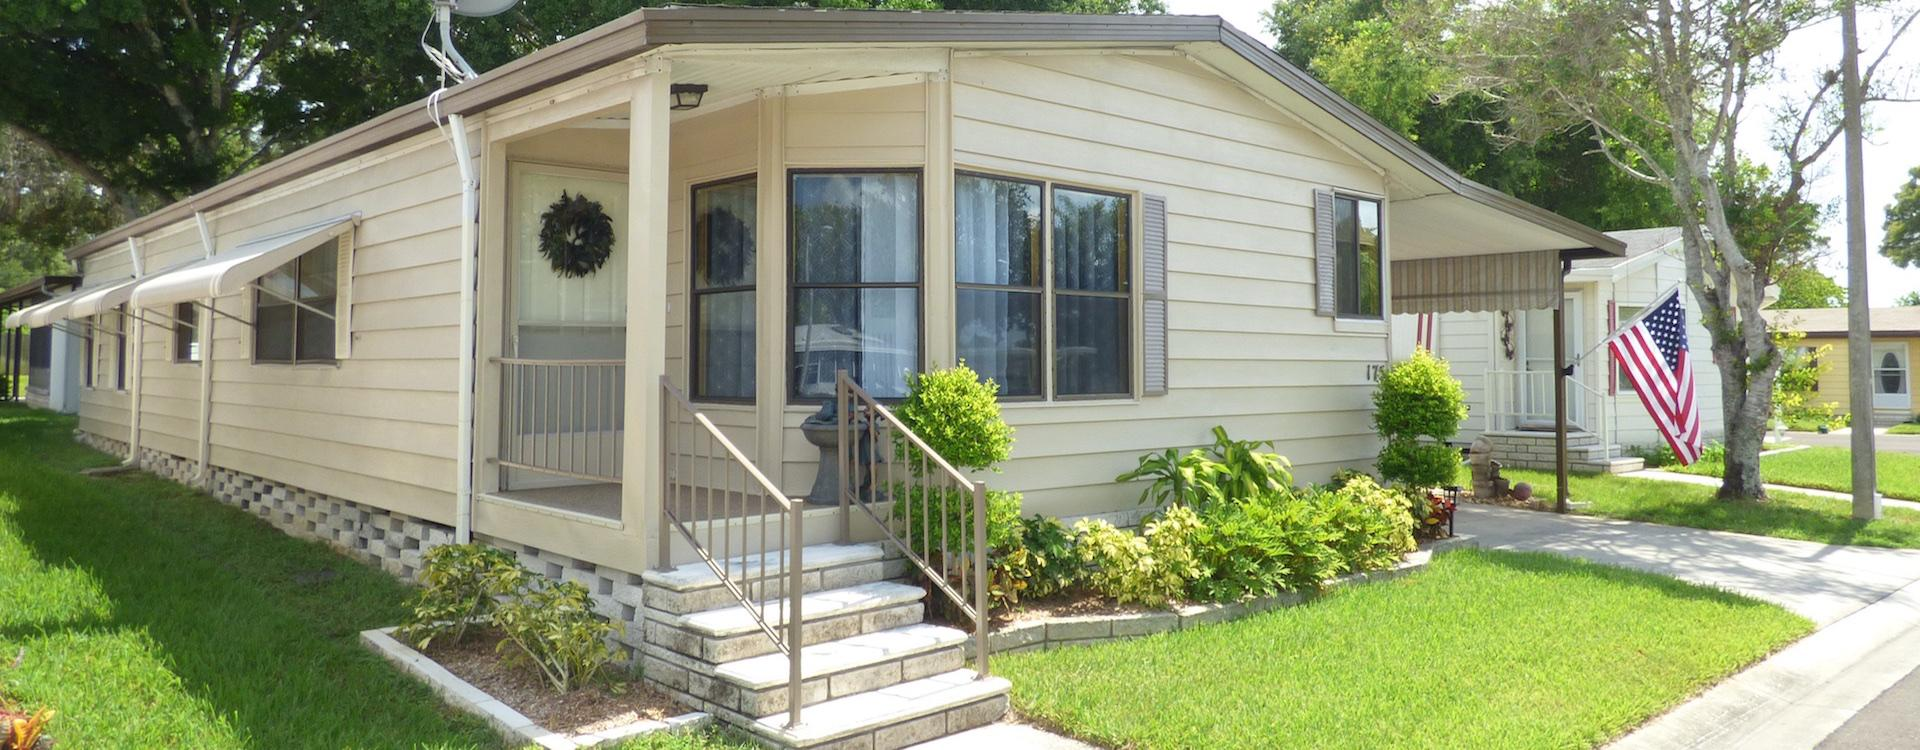 Mobile Home Parks For Sale Sarasota Fl